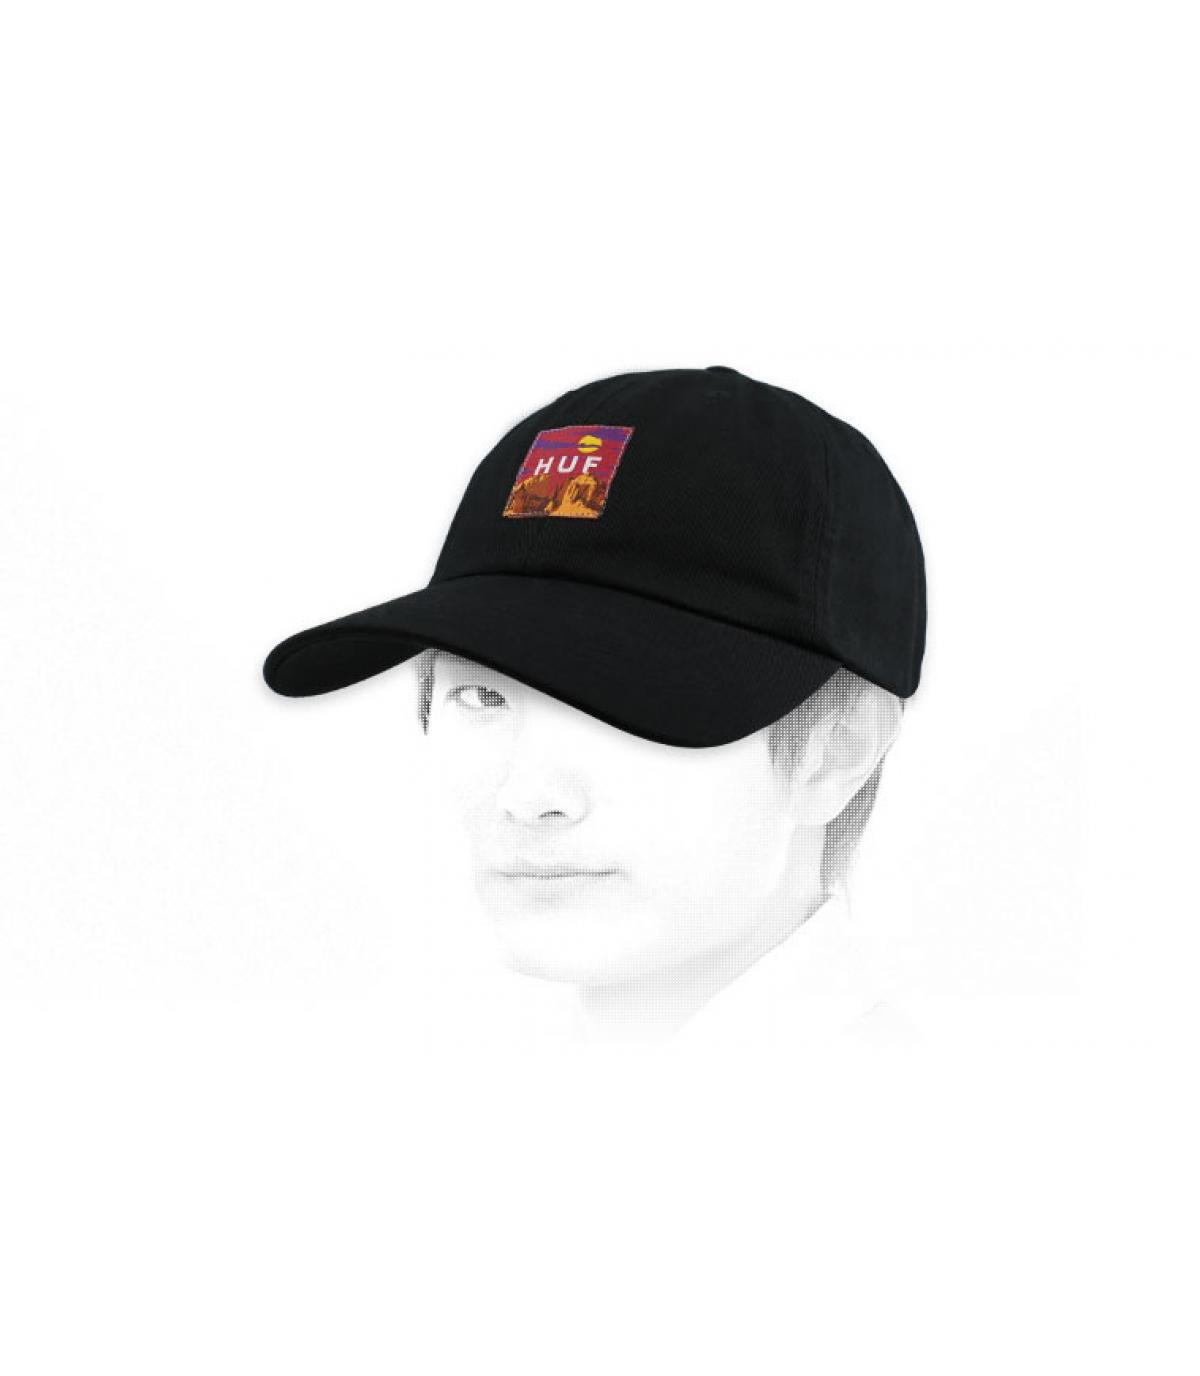 complet dans les spécifications remise spéciale vente en magasin Dad hat - Casquette destructurée - Headict